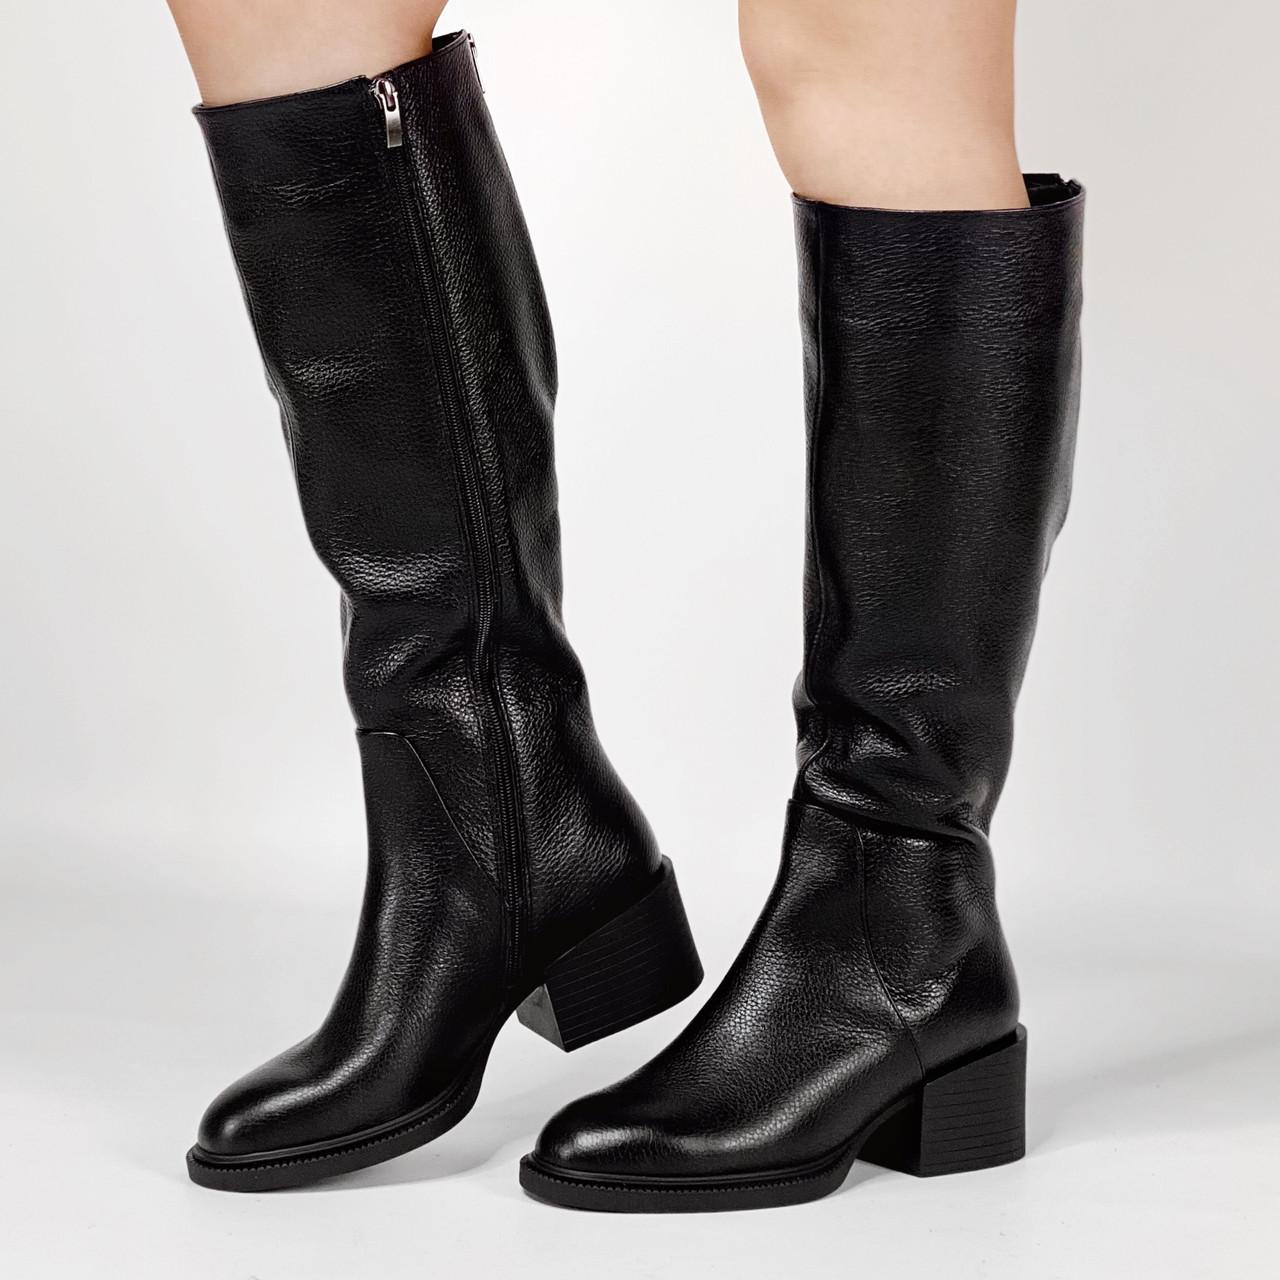 Сапоги женские кожаные черные на широкую голень на устойчивом каблуке MORENTO зимние